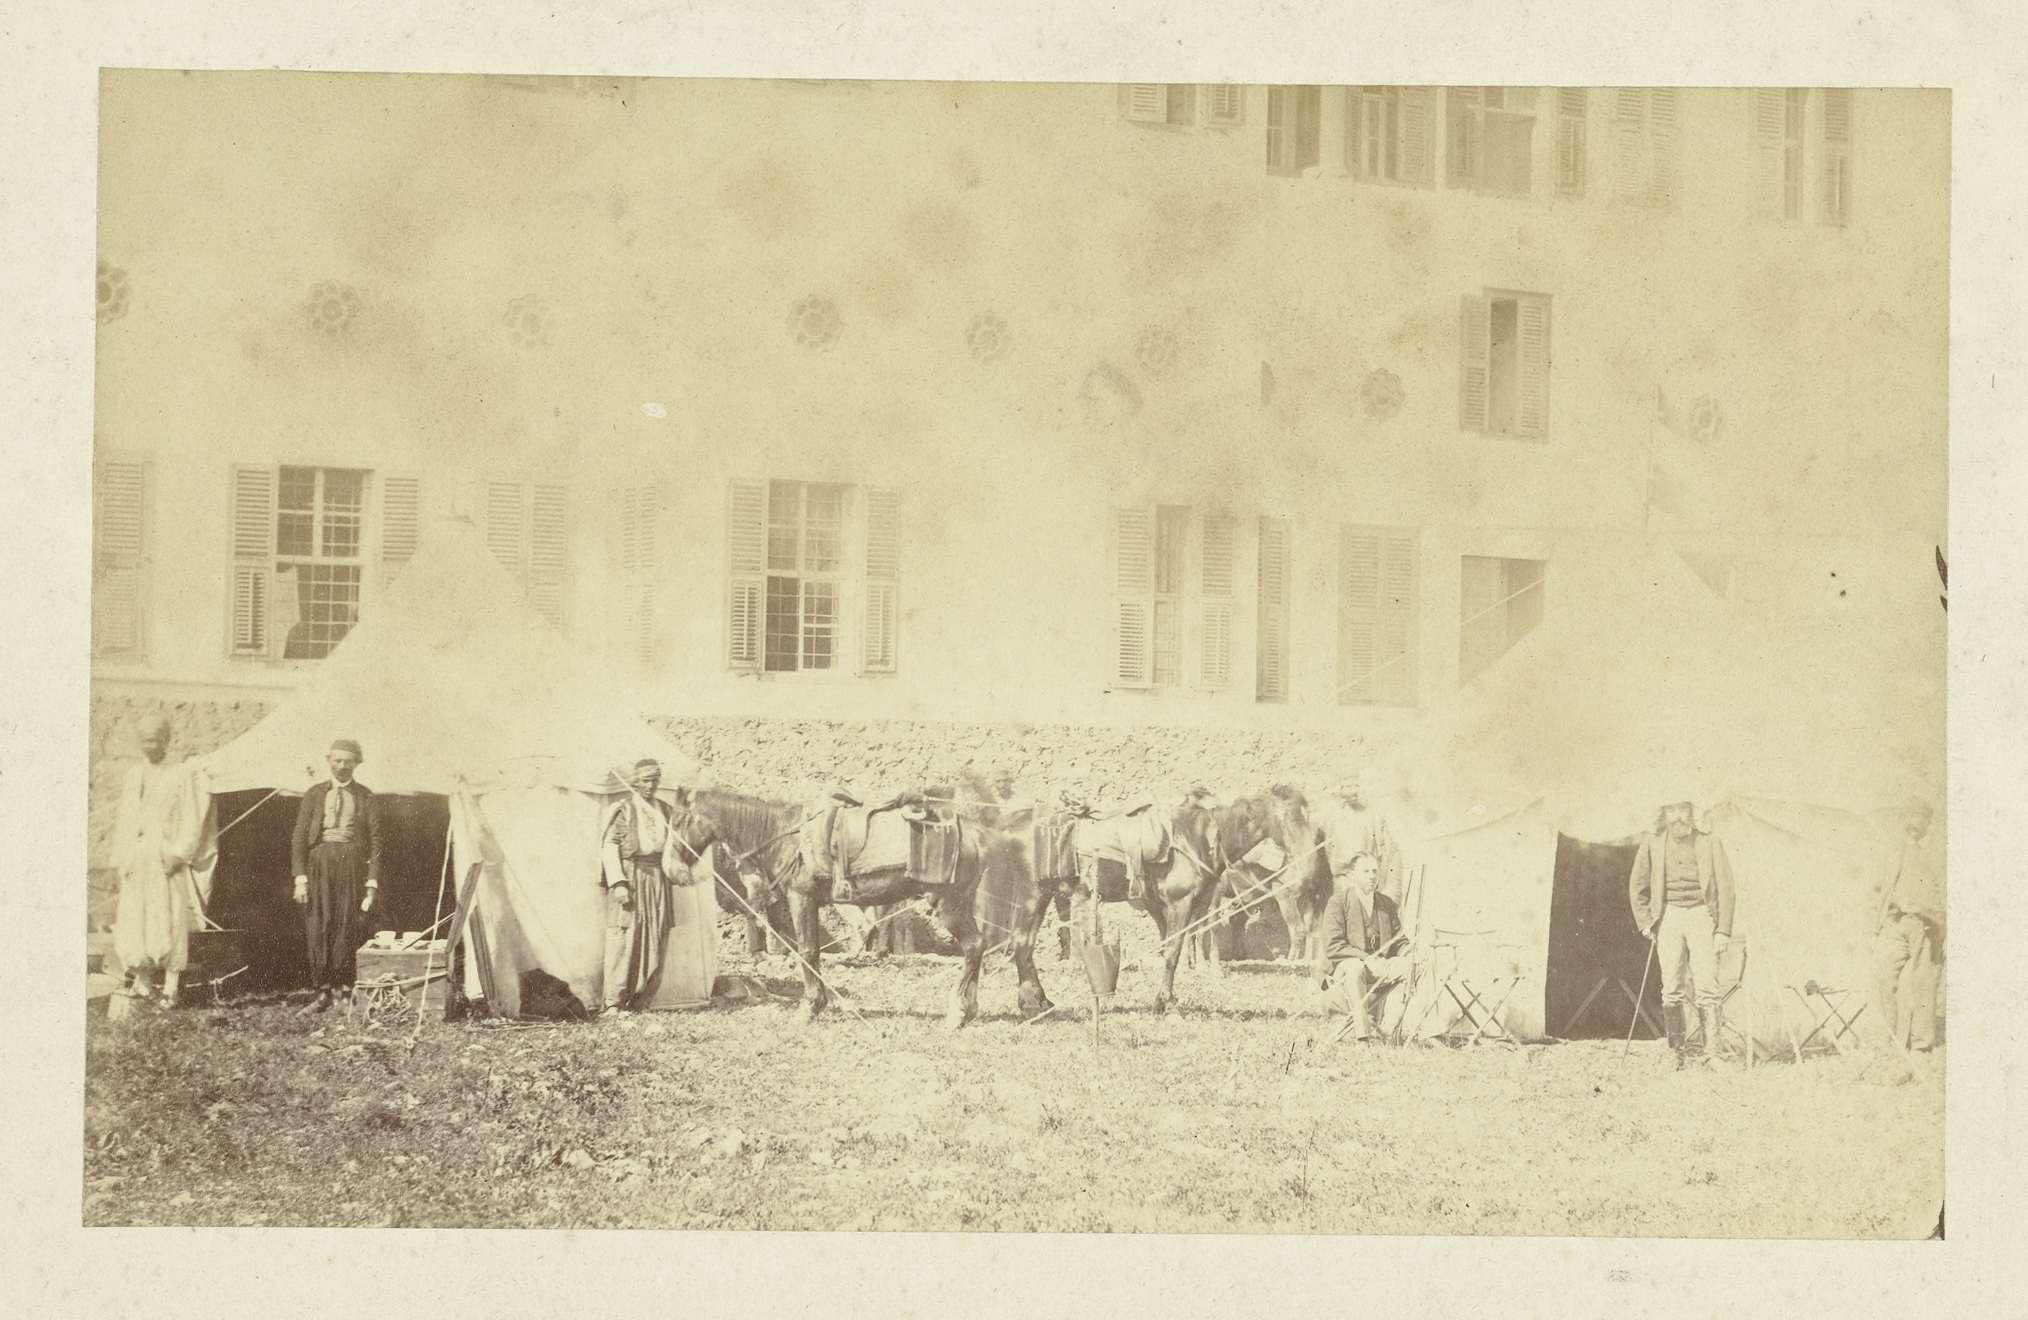 Anonymous | Kampement voor gebouw, Anonymous, 1855 - 1870 | Een kampement voor een gebouw, mogelijk in Egypte